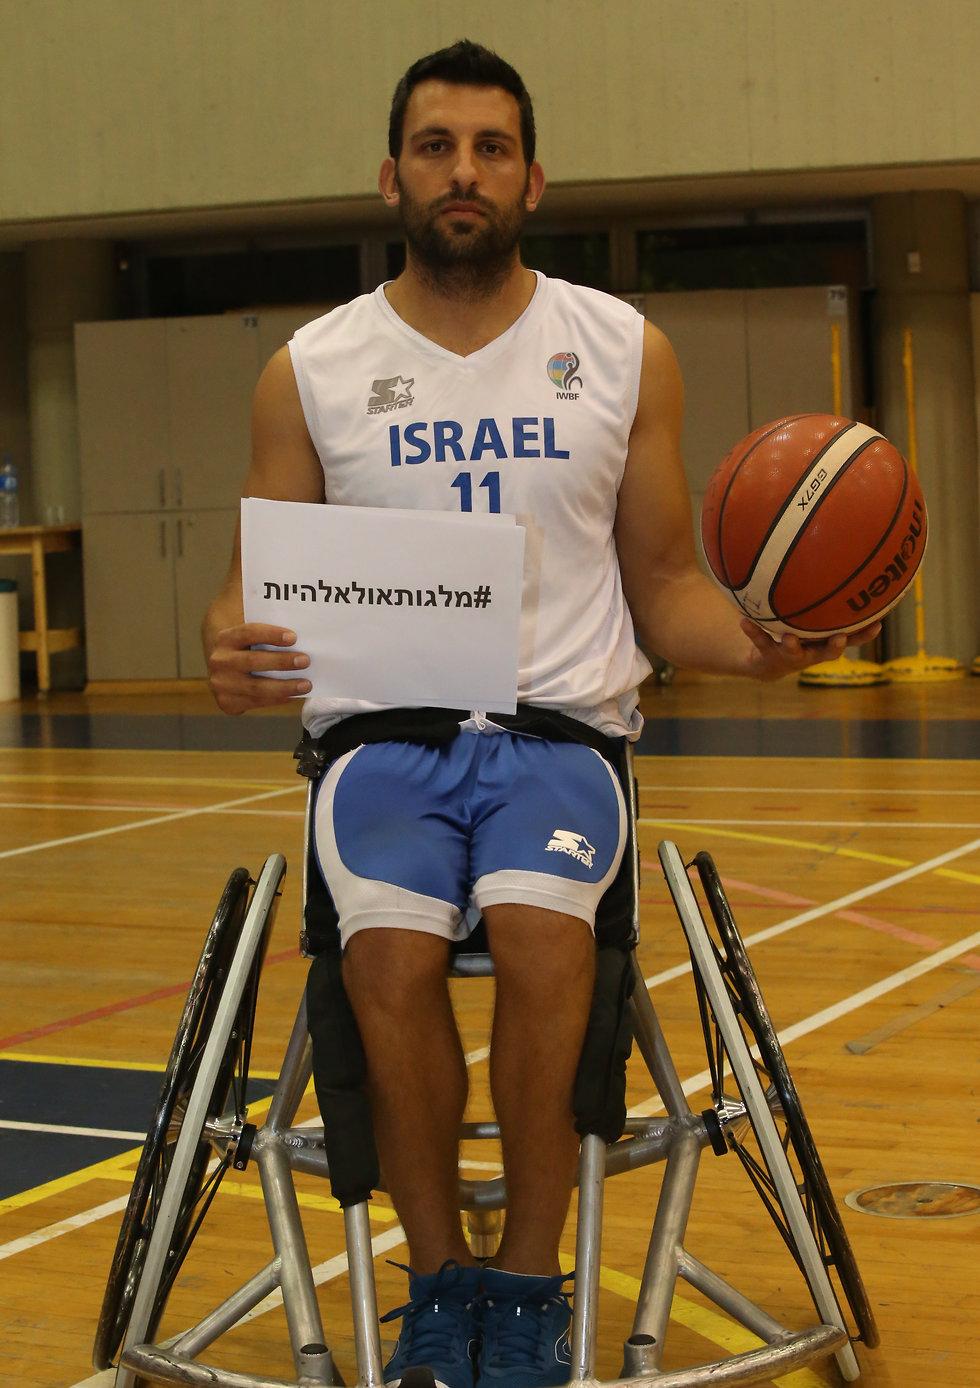 כדורסל בכיסאות גלגלים (צילום: אורן אהרוני)